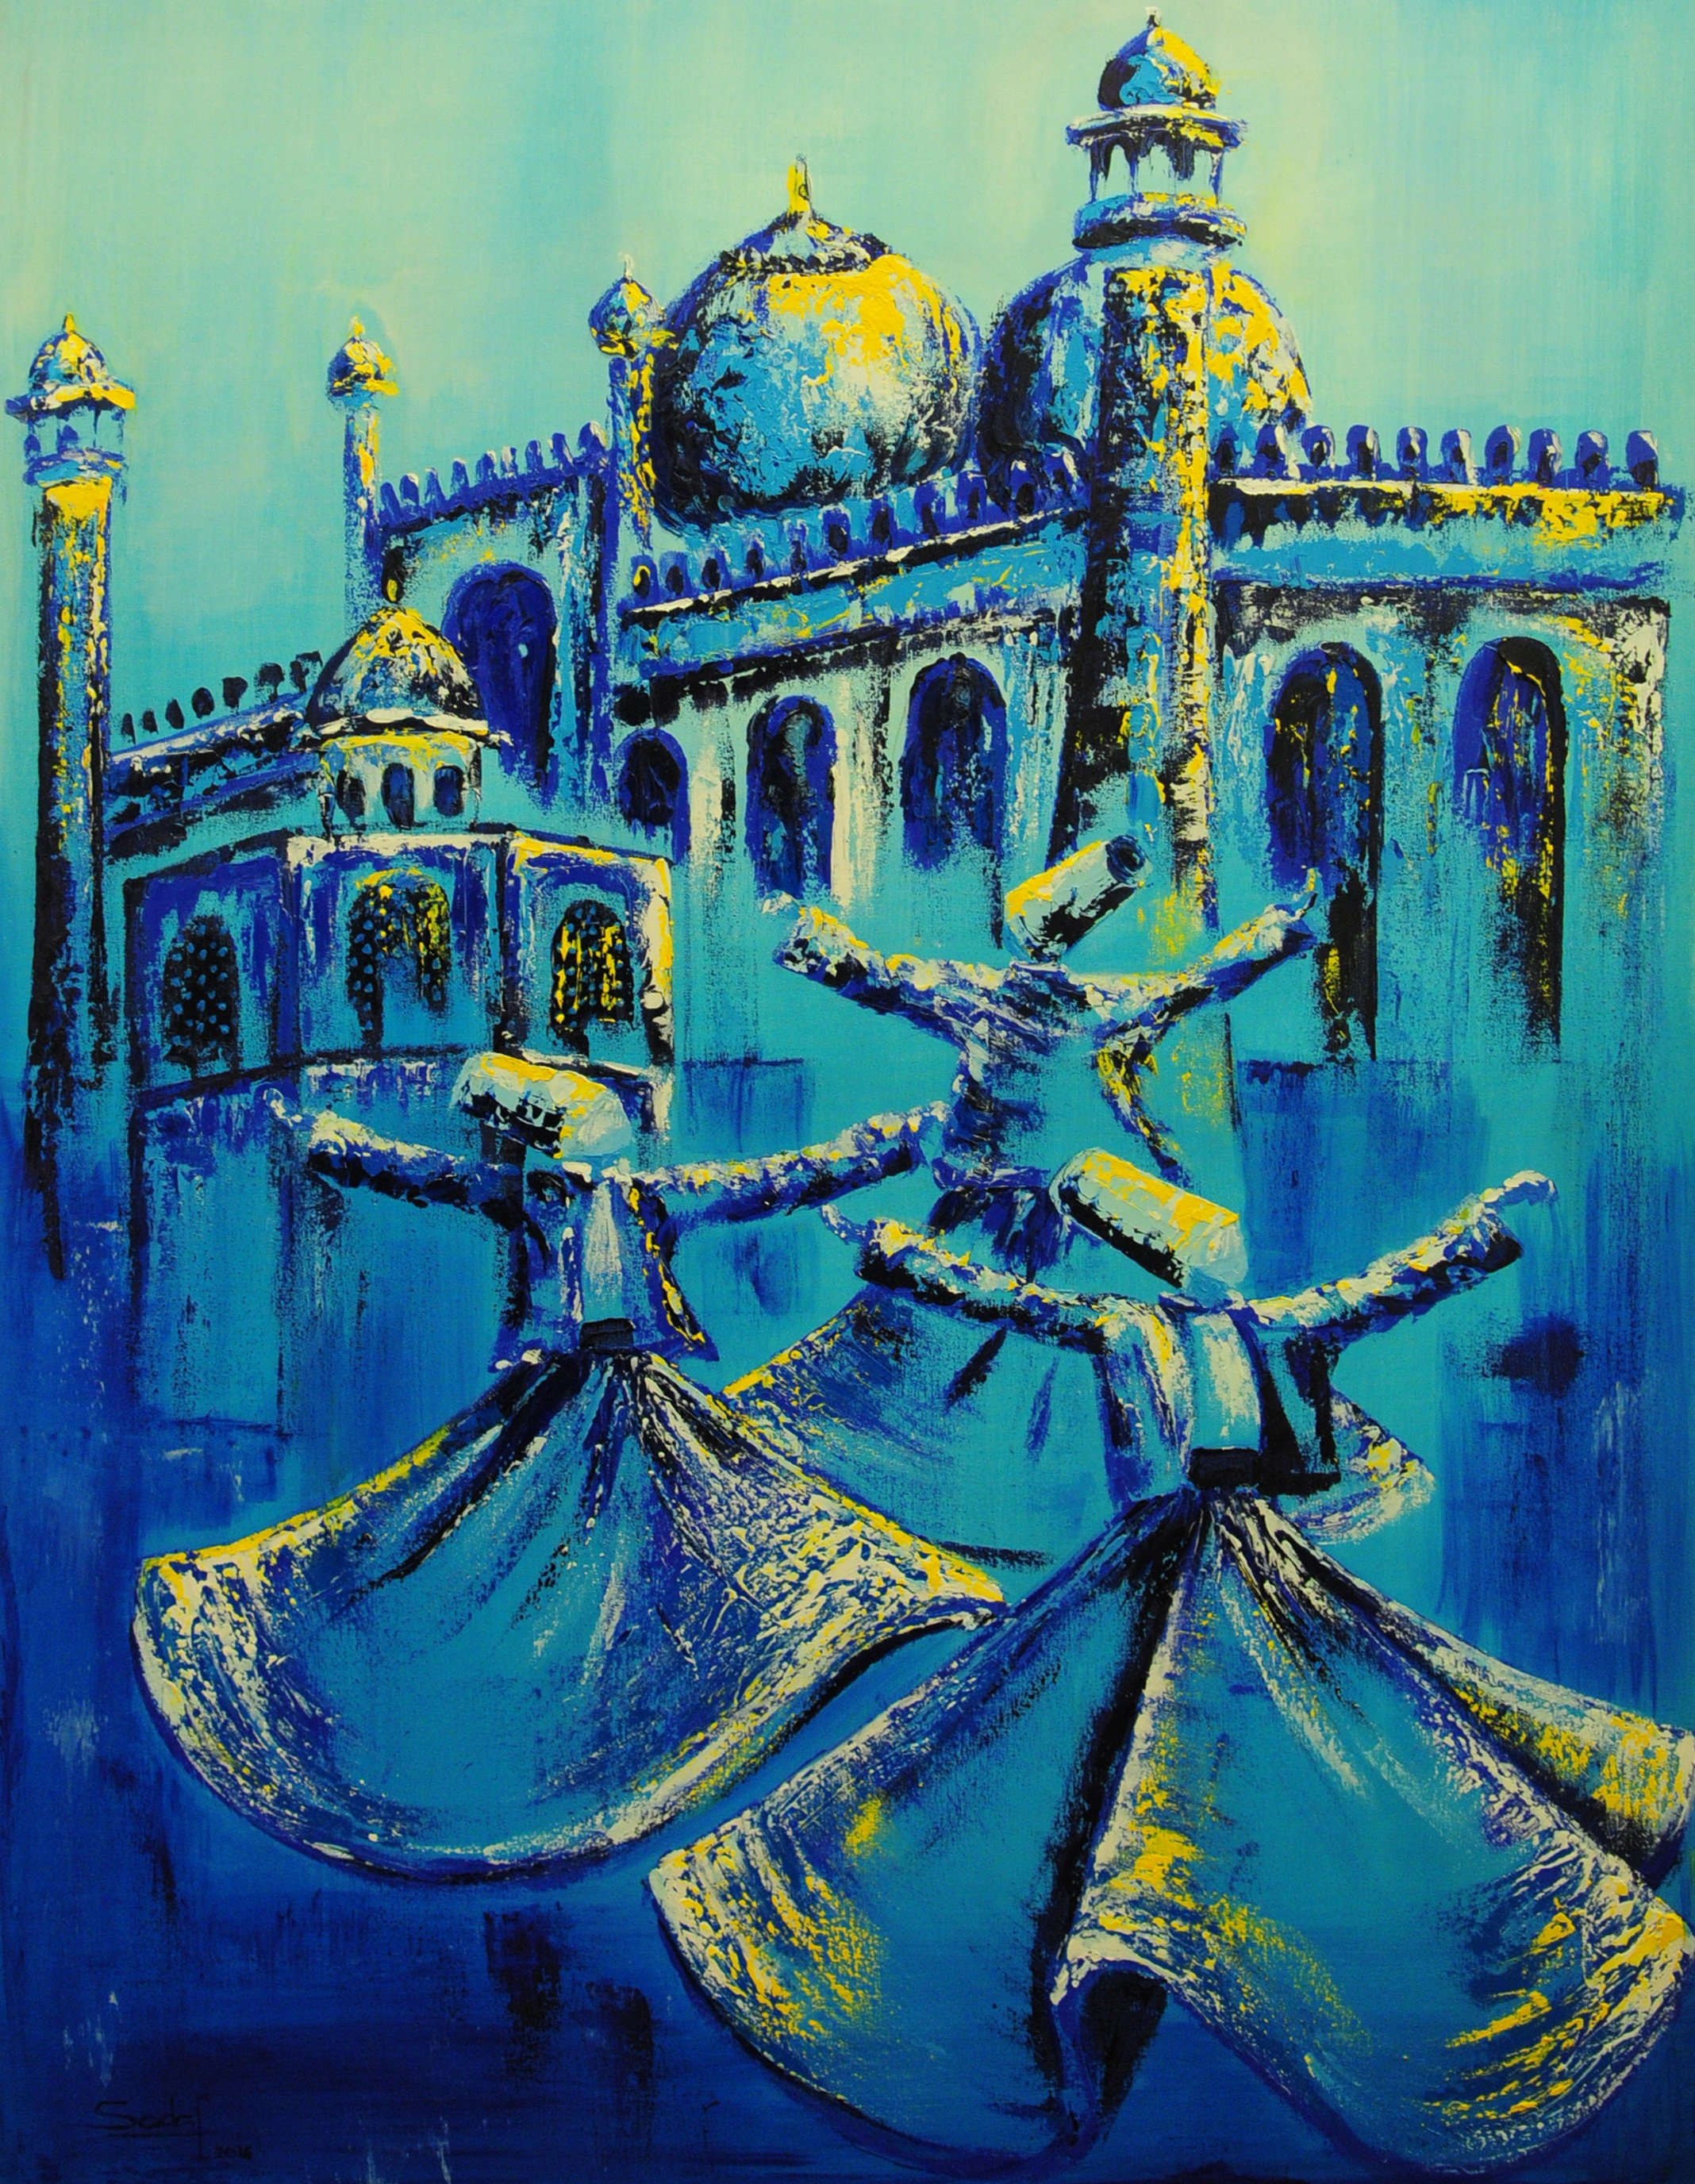 Voyage dans la paix & l'amour de Sadaf Farasat